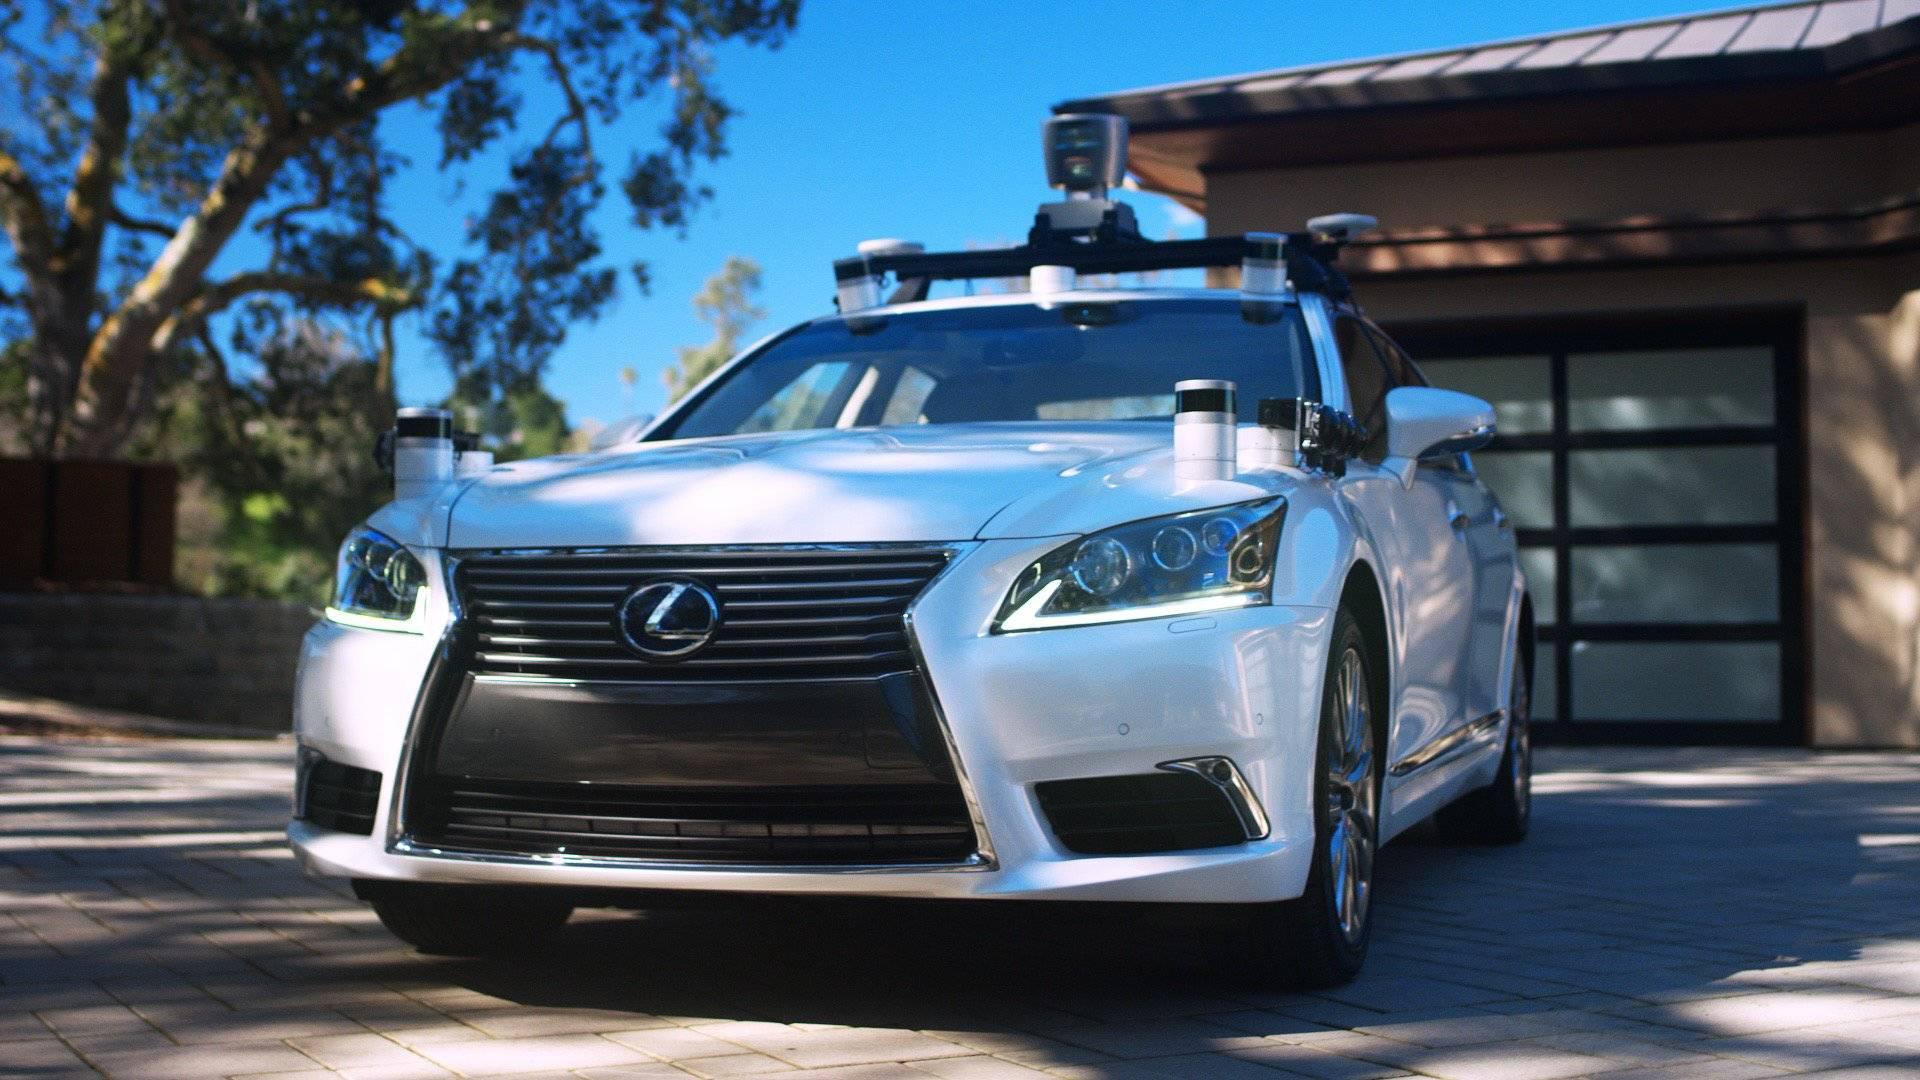 Trzeba przekonać ludzi do autonomicznych samochodów. Może podczas igrzysk olimpijskich?